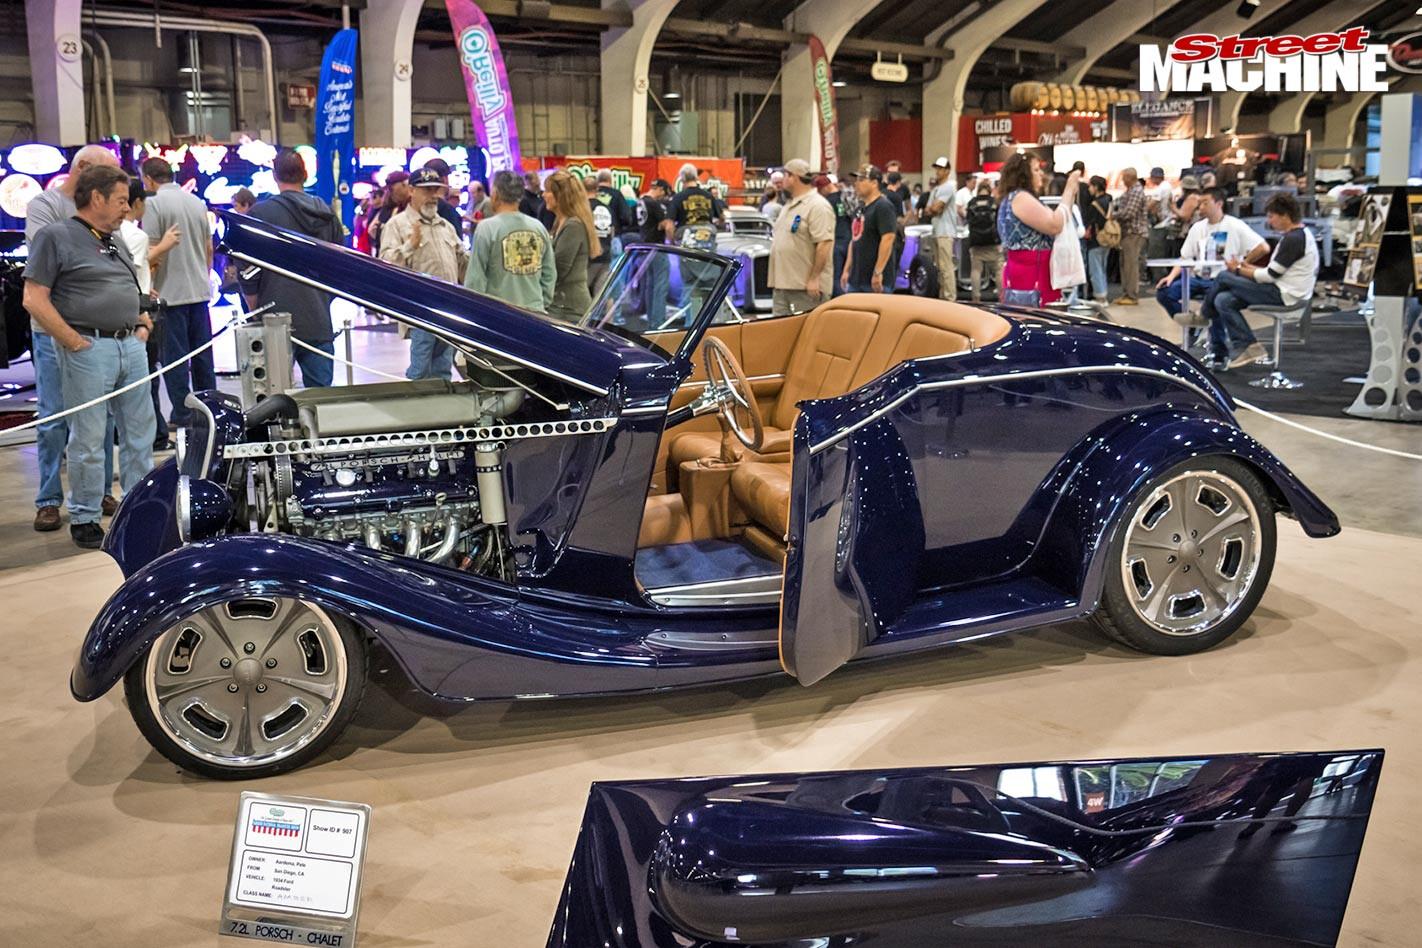 1933 Ford Porsch-Chalet roadster